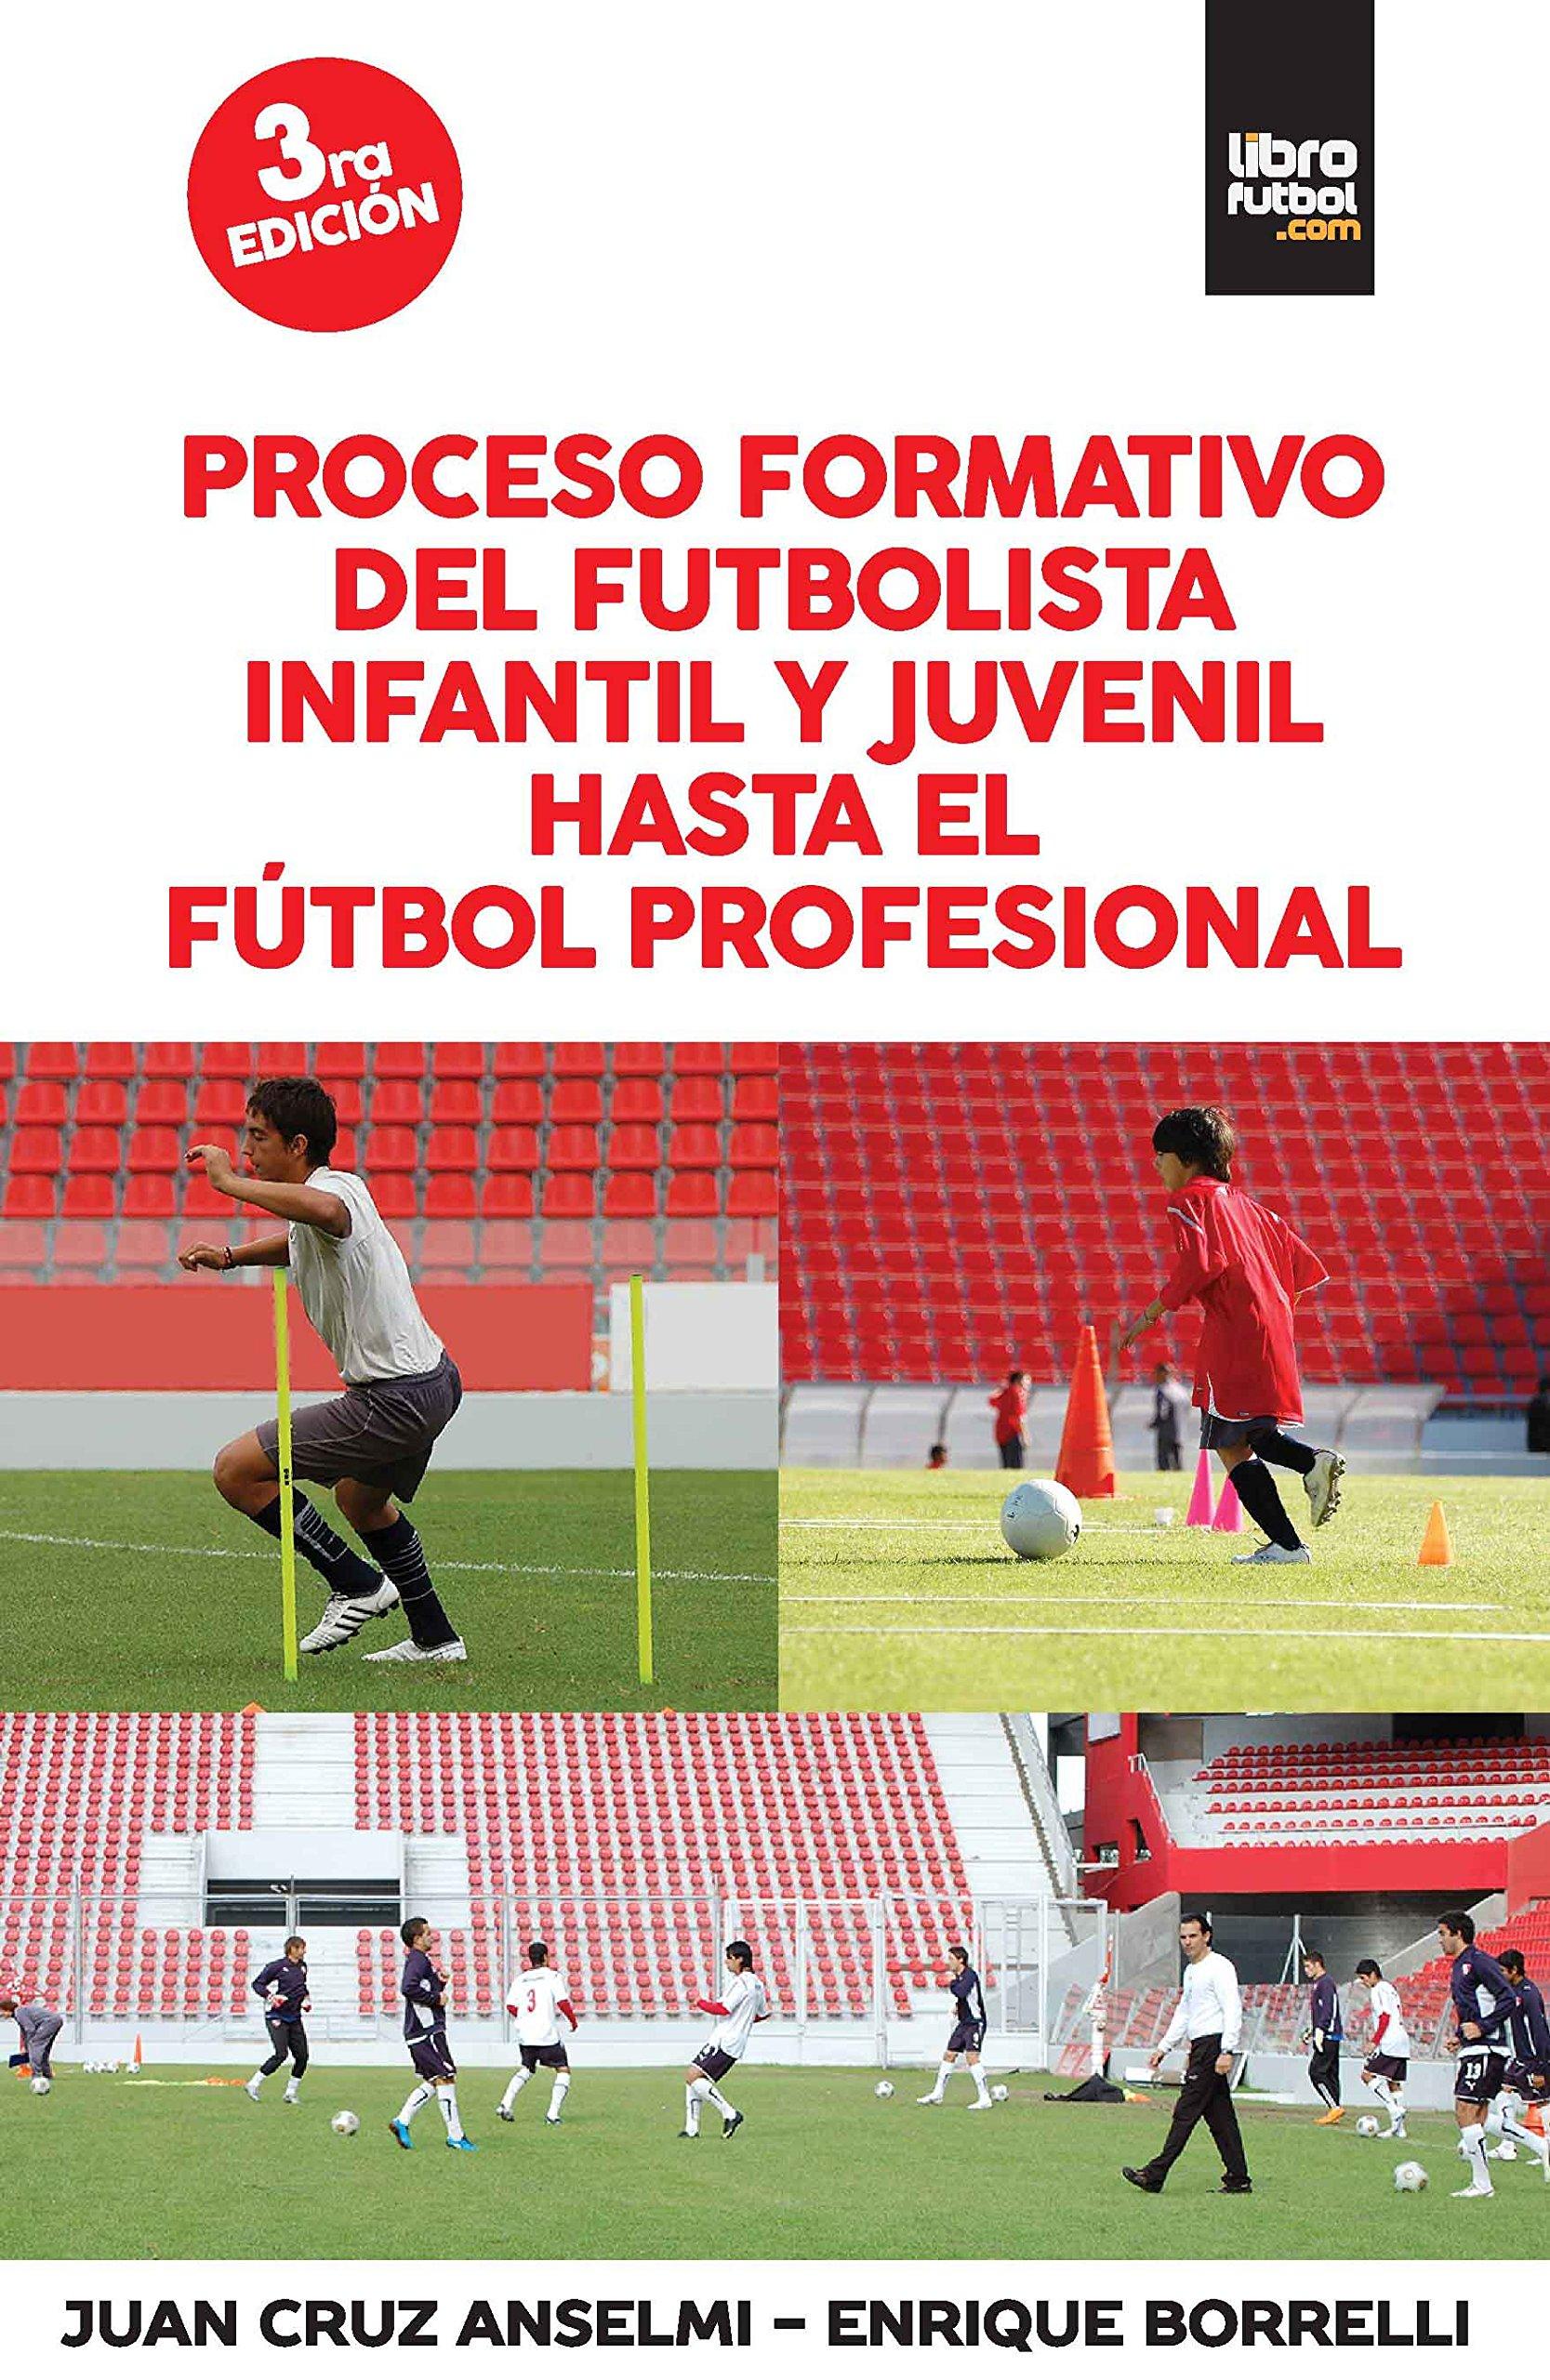 Proceso formativo del futbolista infantil y juvenil hasta el futbol profesional: Juan Cruz Enrique Anselmi: 9789873763076: Amazon.com: Books